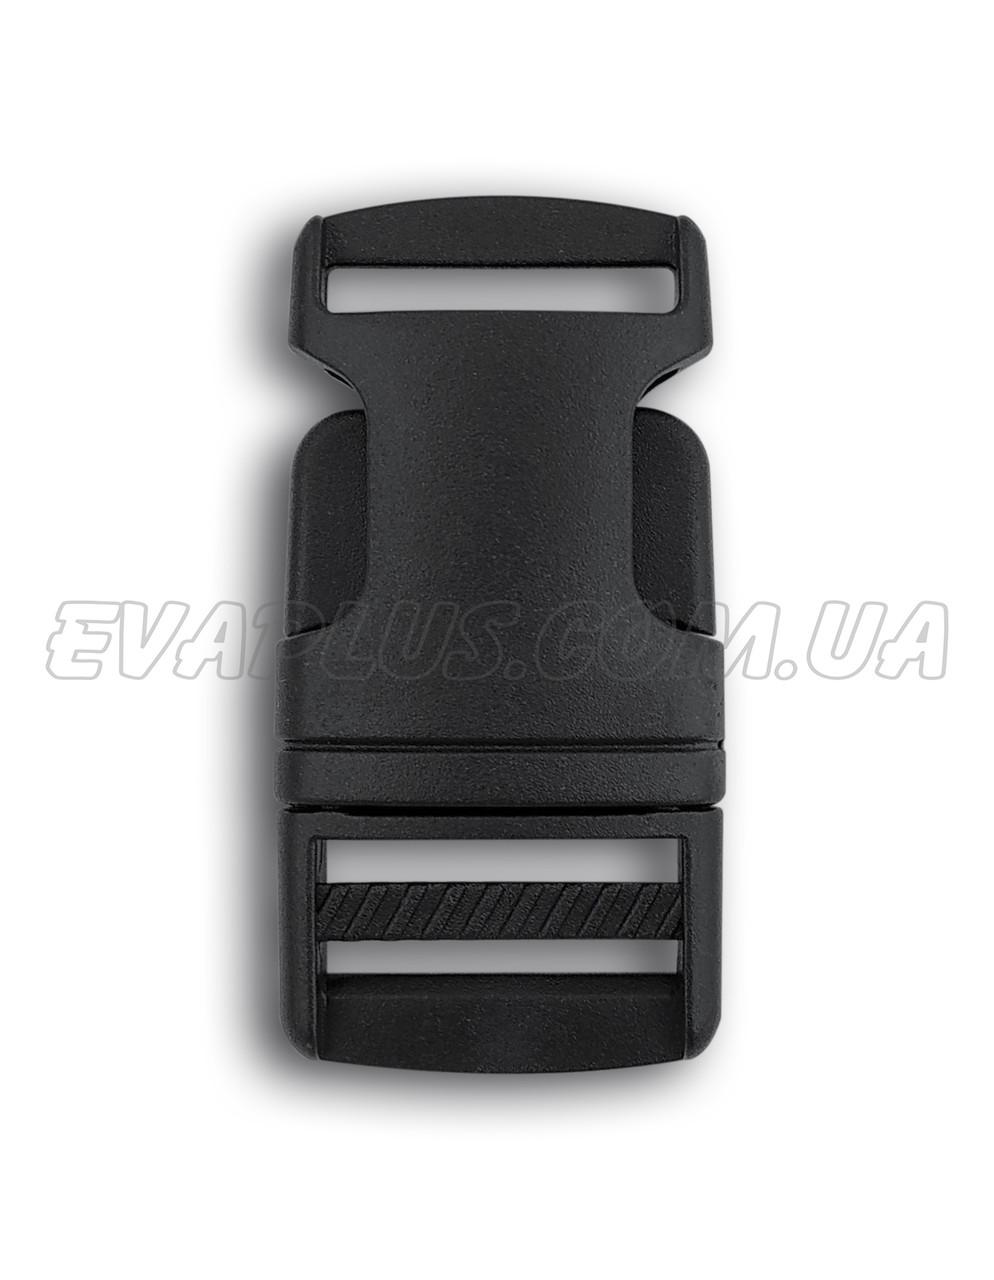 Фастекс пластиковый 25 мм черный (5512)